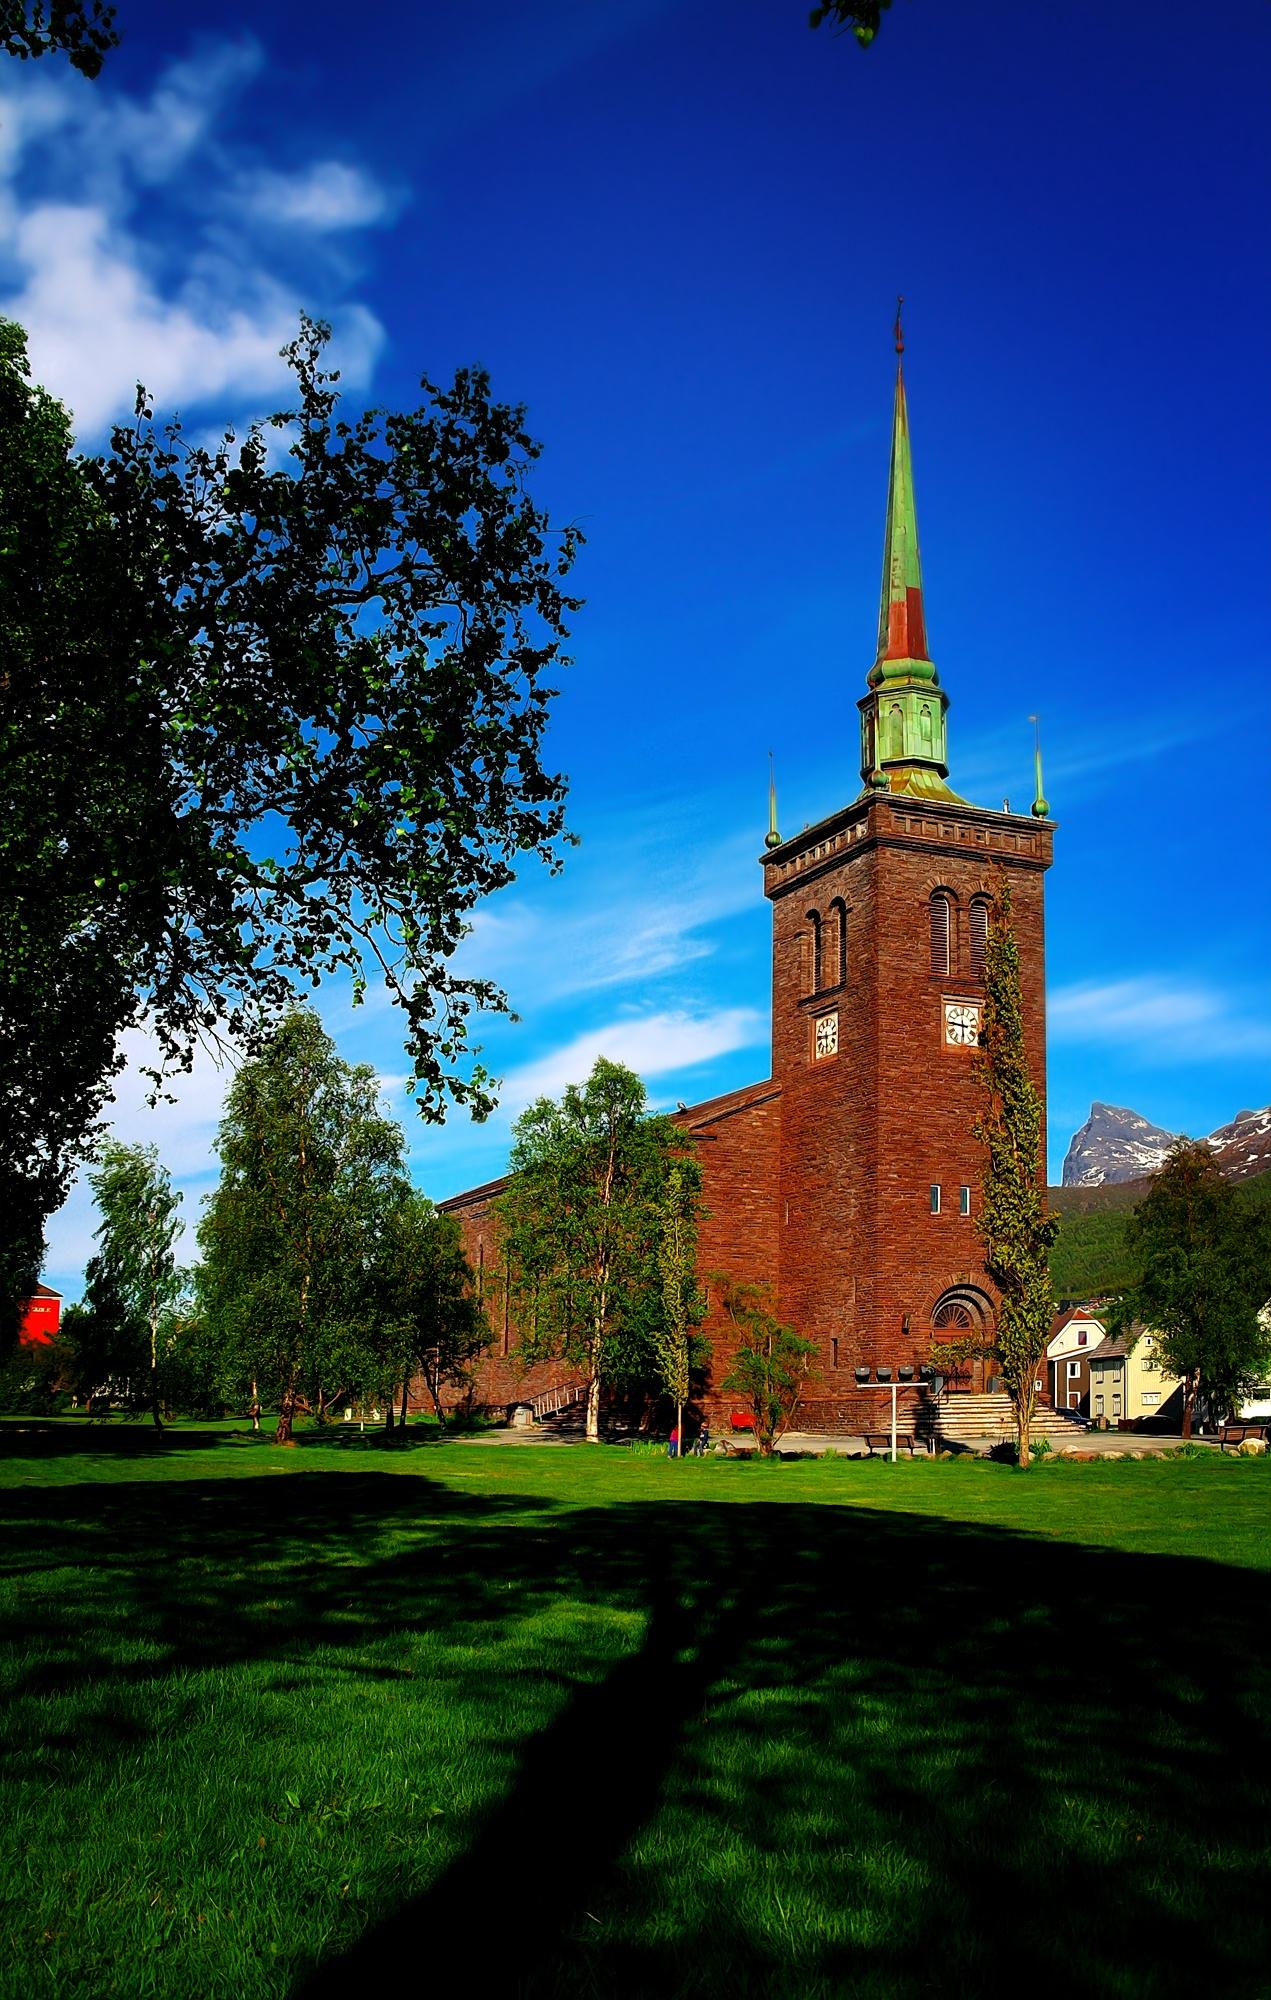 Church of desire by John Frost-bite Slettjord